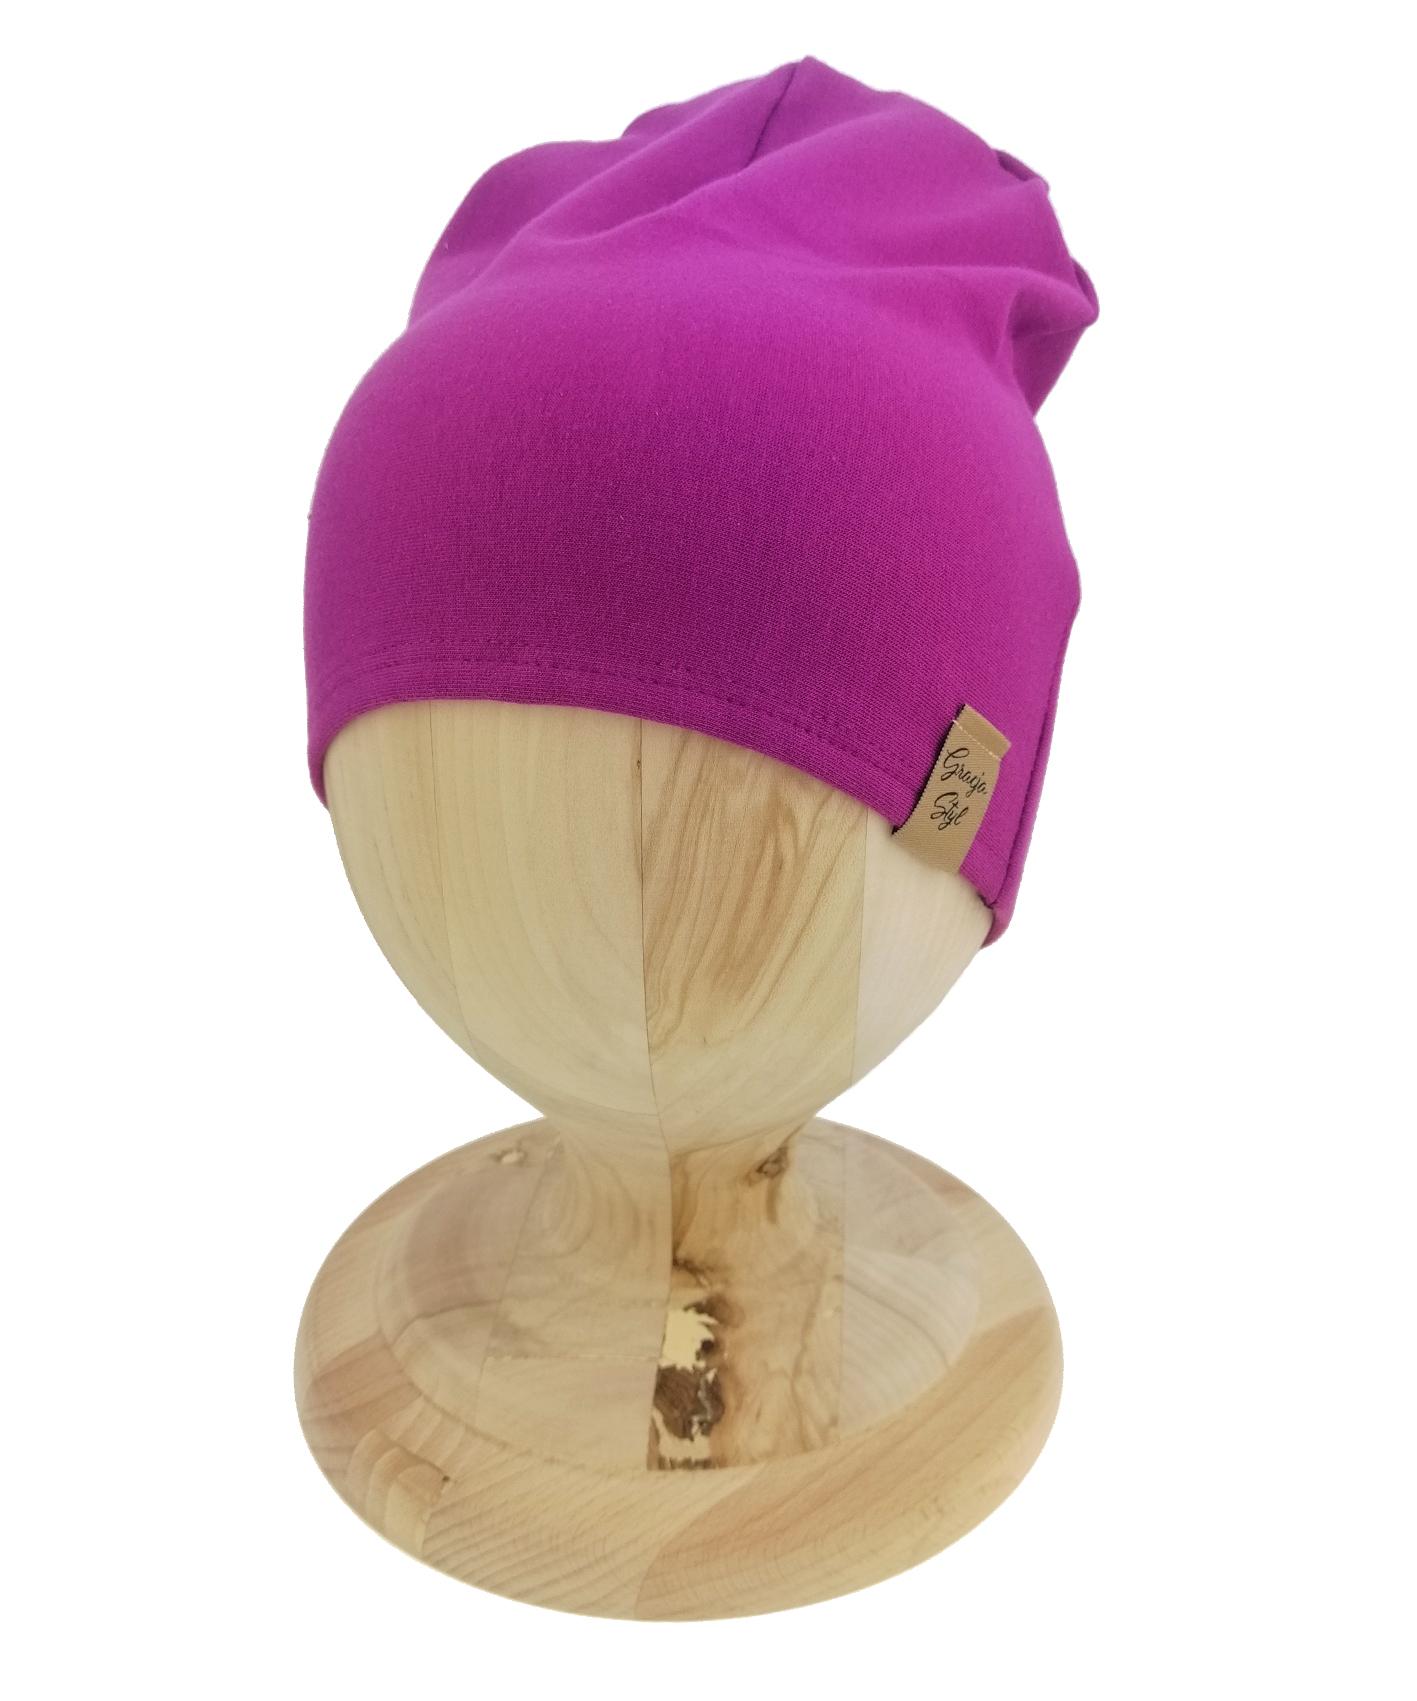 Czapka typu smerfetka, uszyta z bawełny petelkowej. Kolor fioletowy.